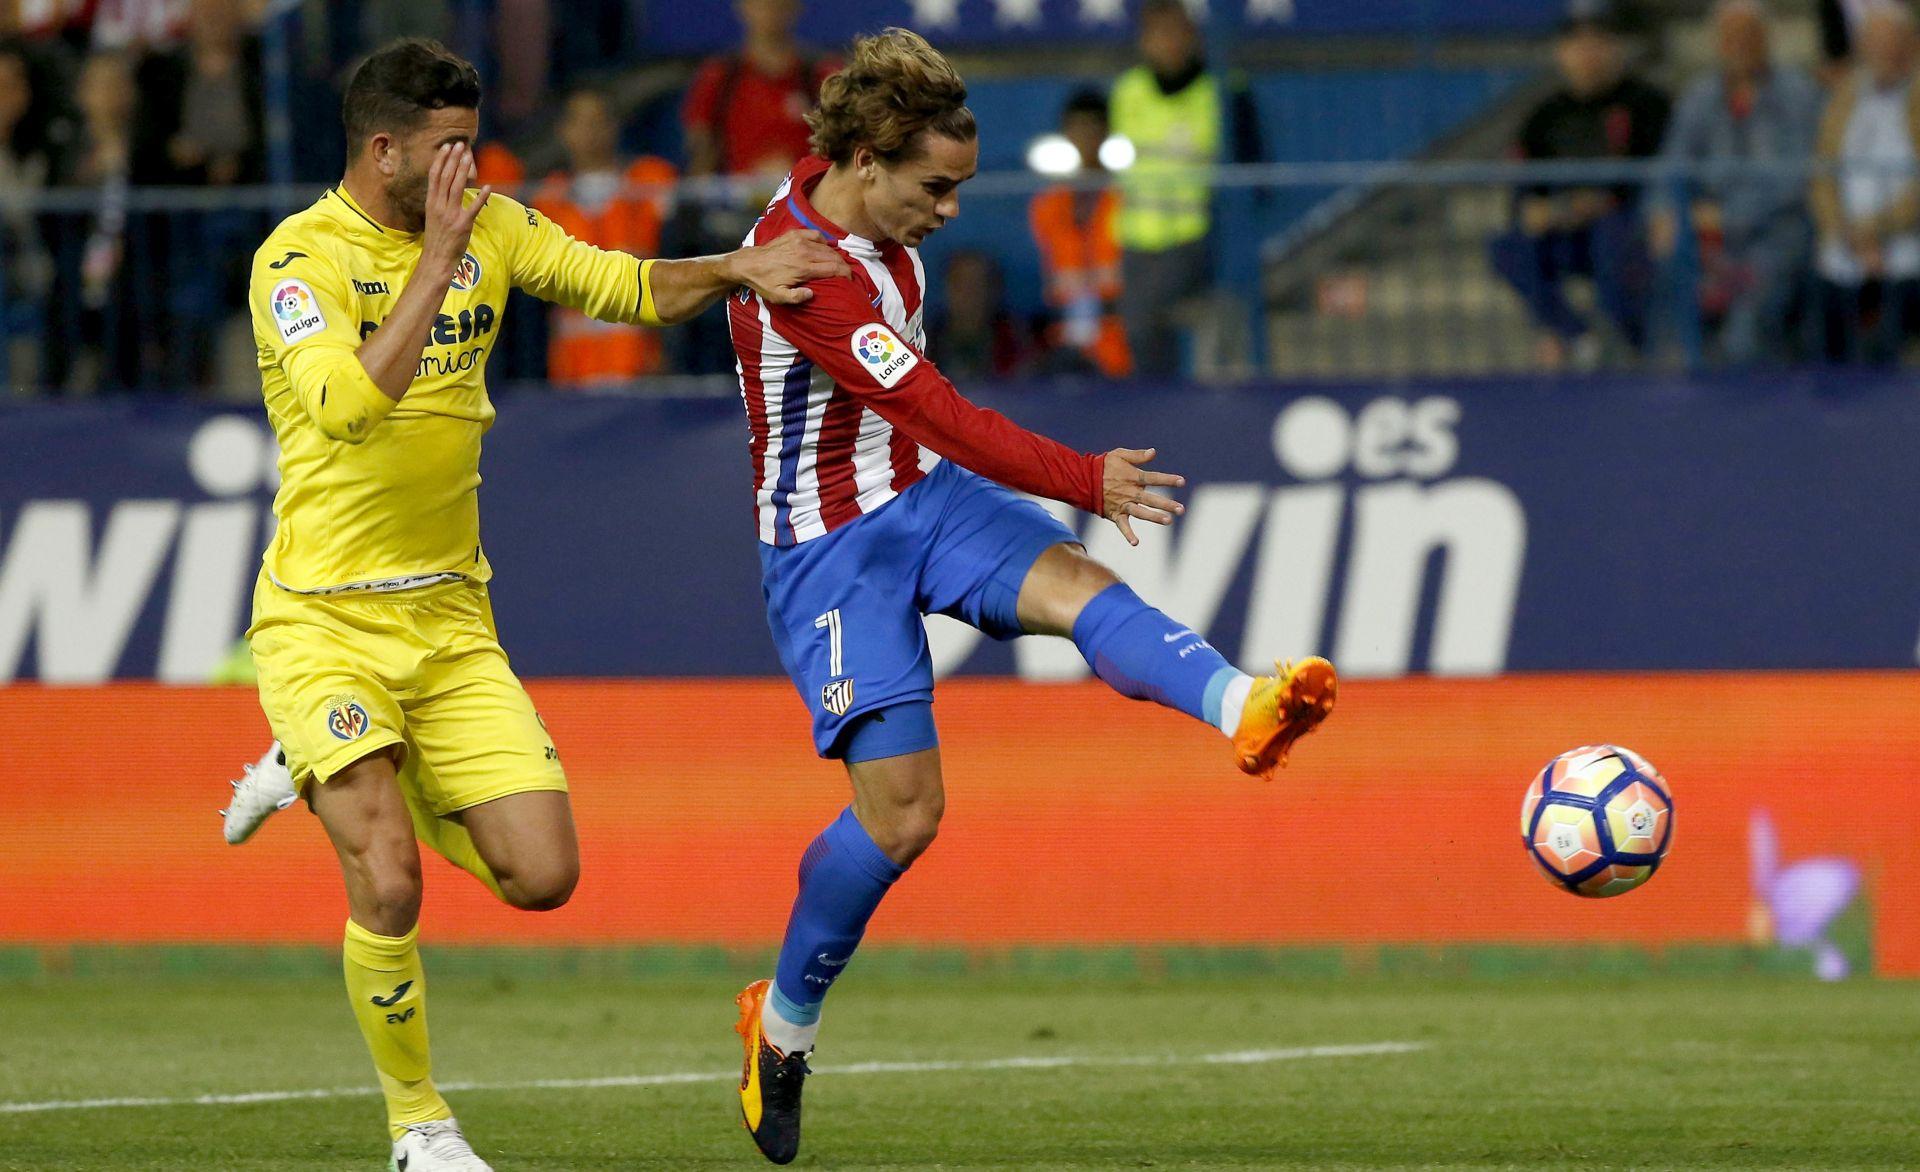 ŠPANJOLSKA Villarreal šokirao Atletico na Calderonu